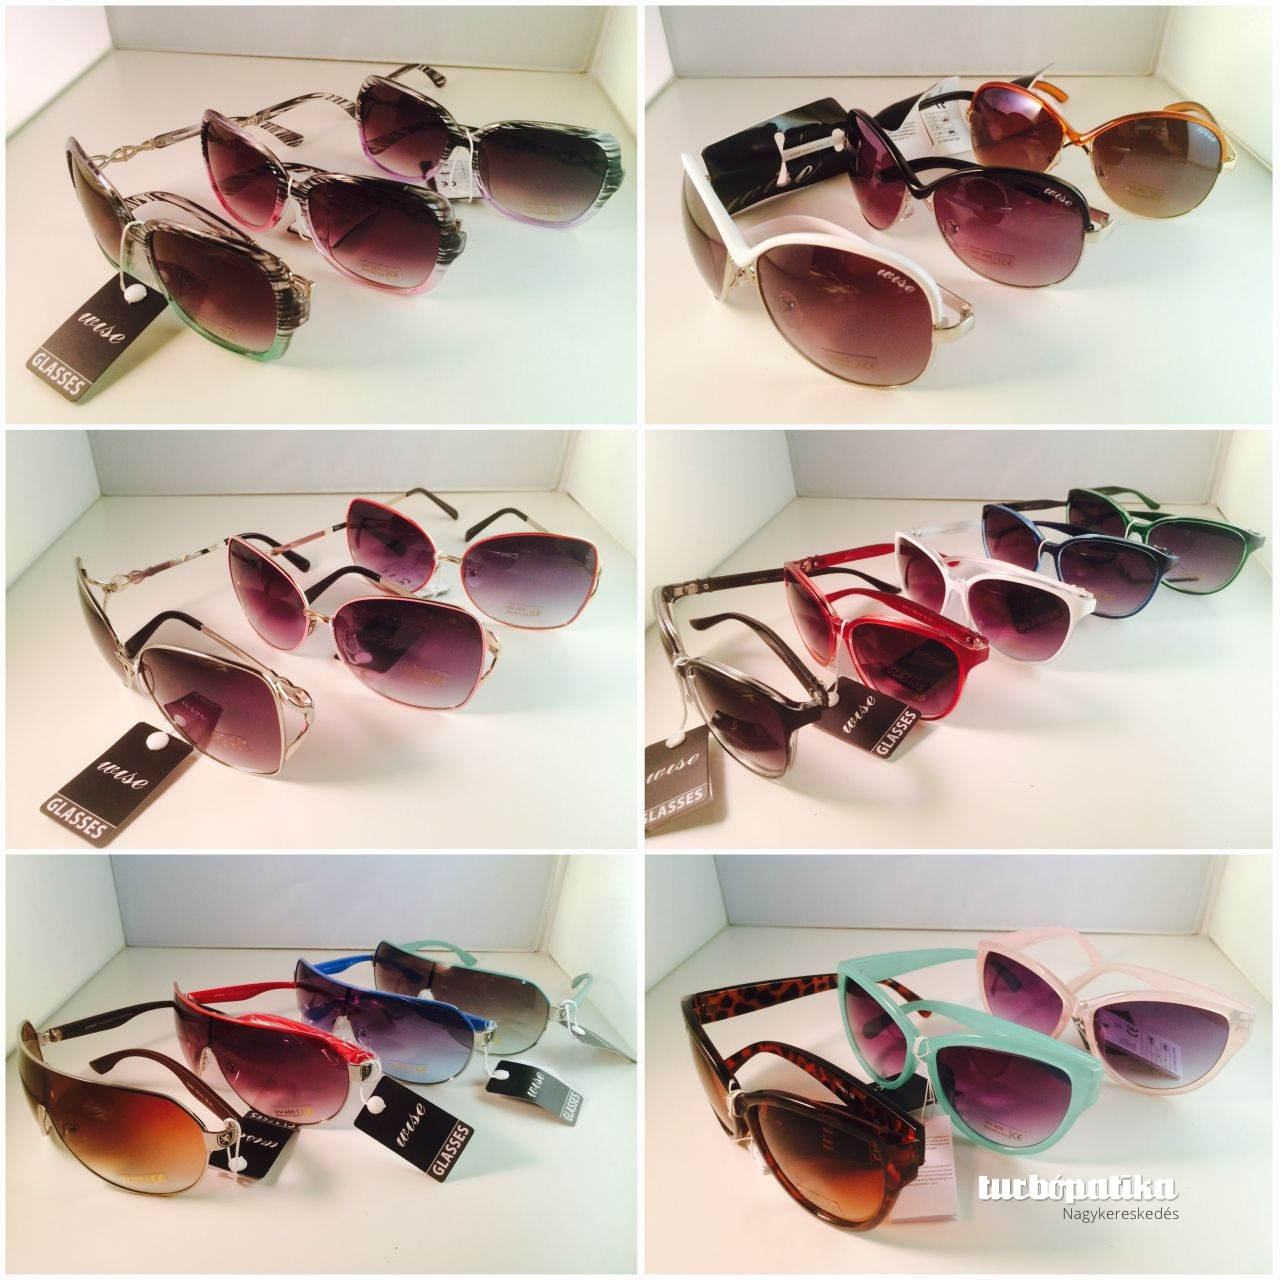 15 db-os napszemüveg multi-pack UW400 (A teljes felnőtt készletből összeválogatva!)